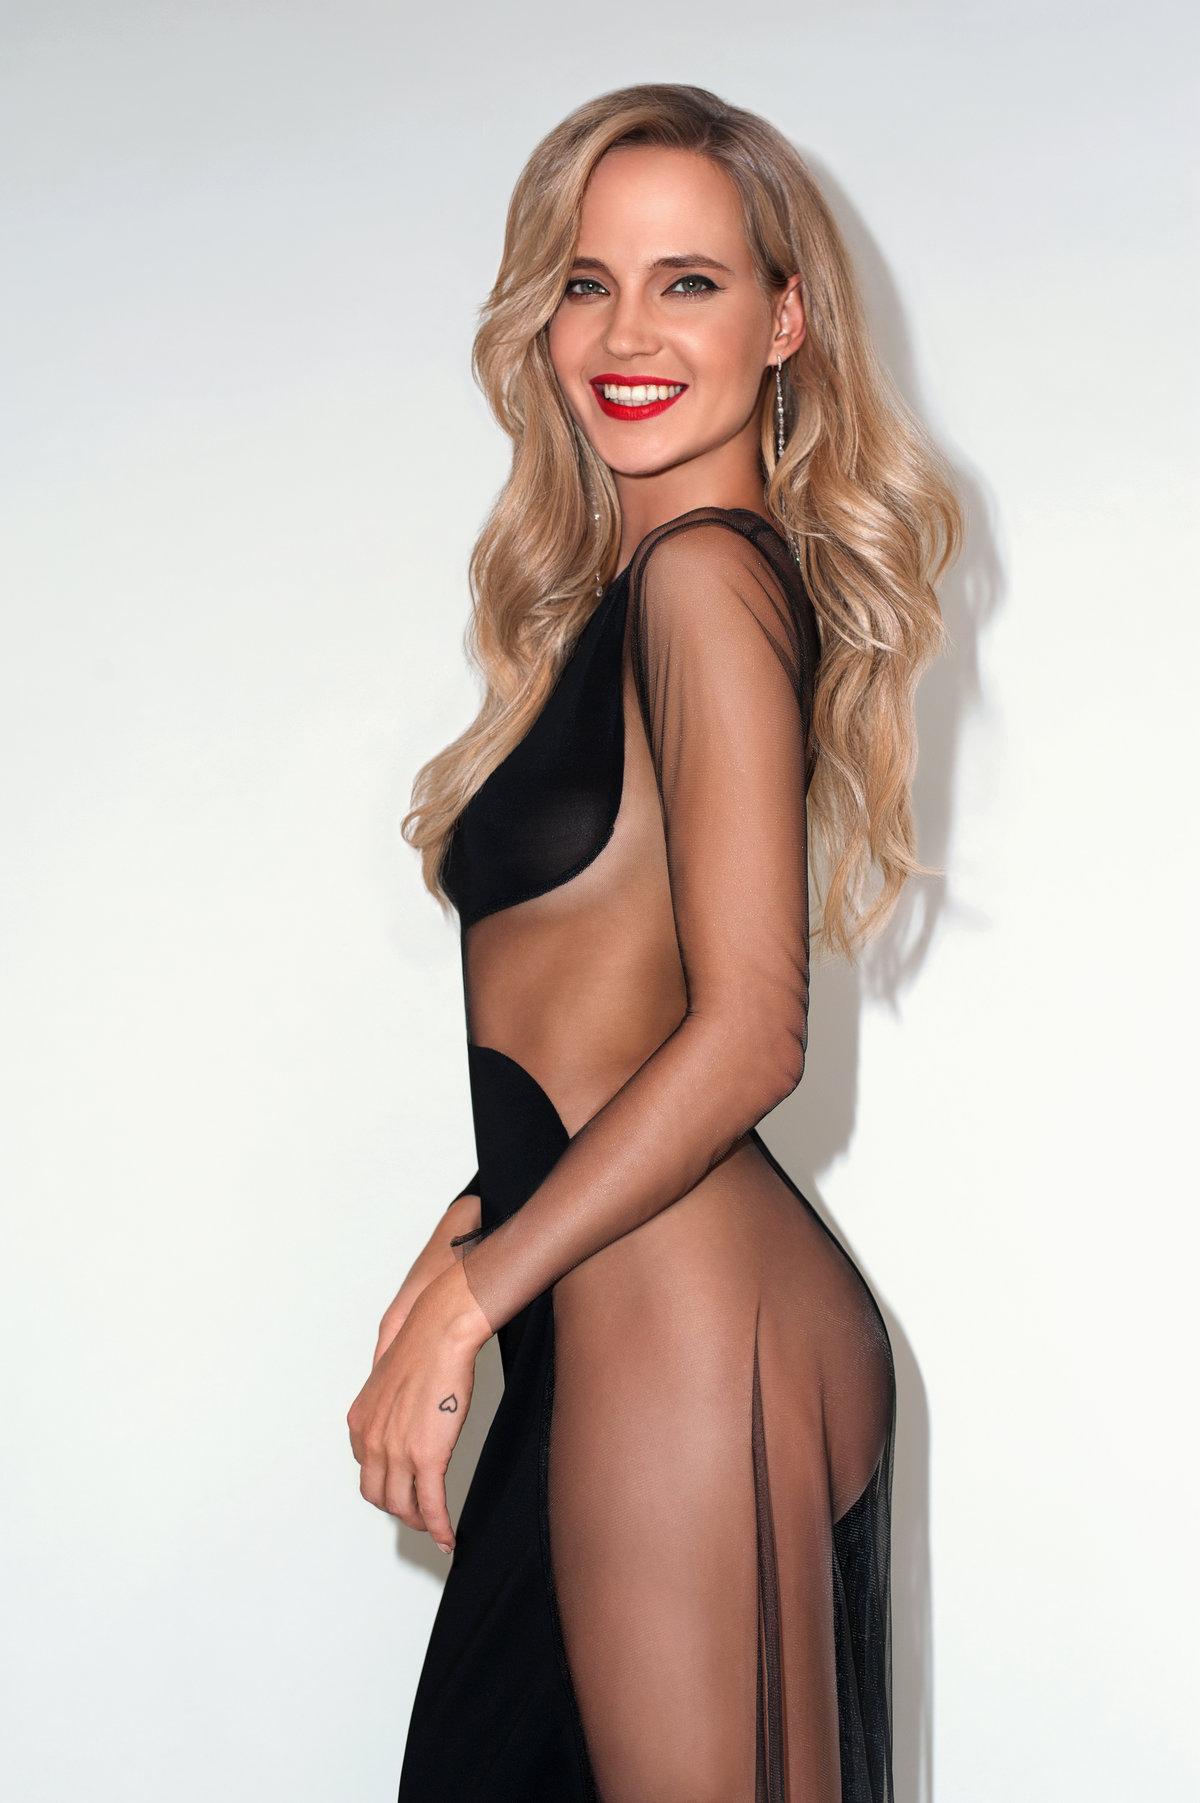 российские актрисы и певицы голые фото это